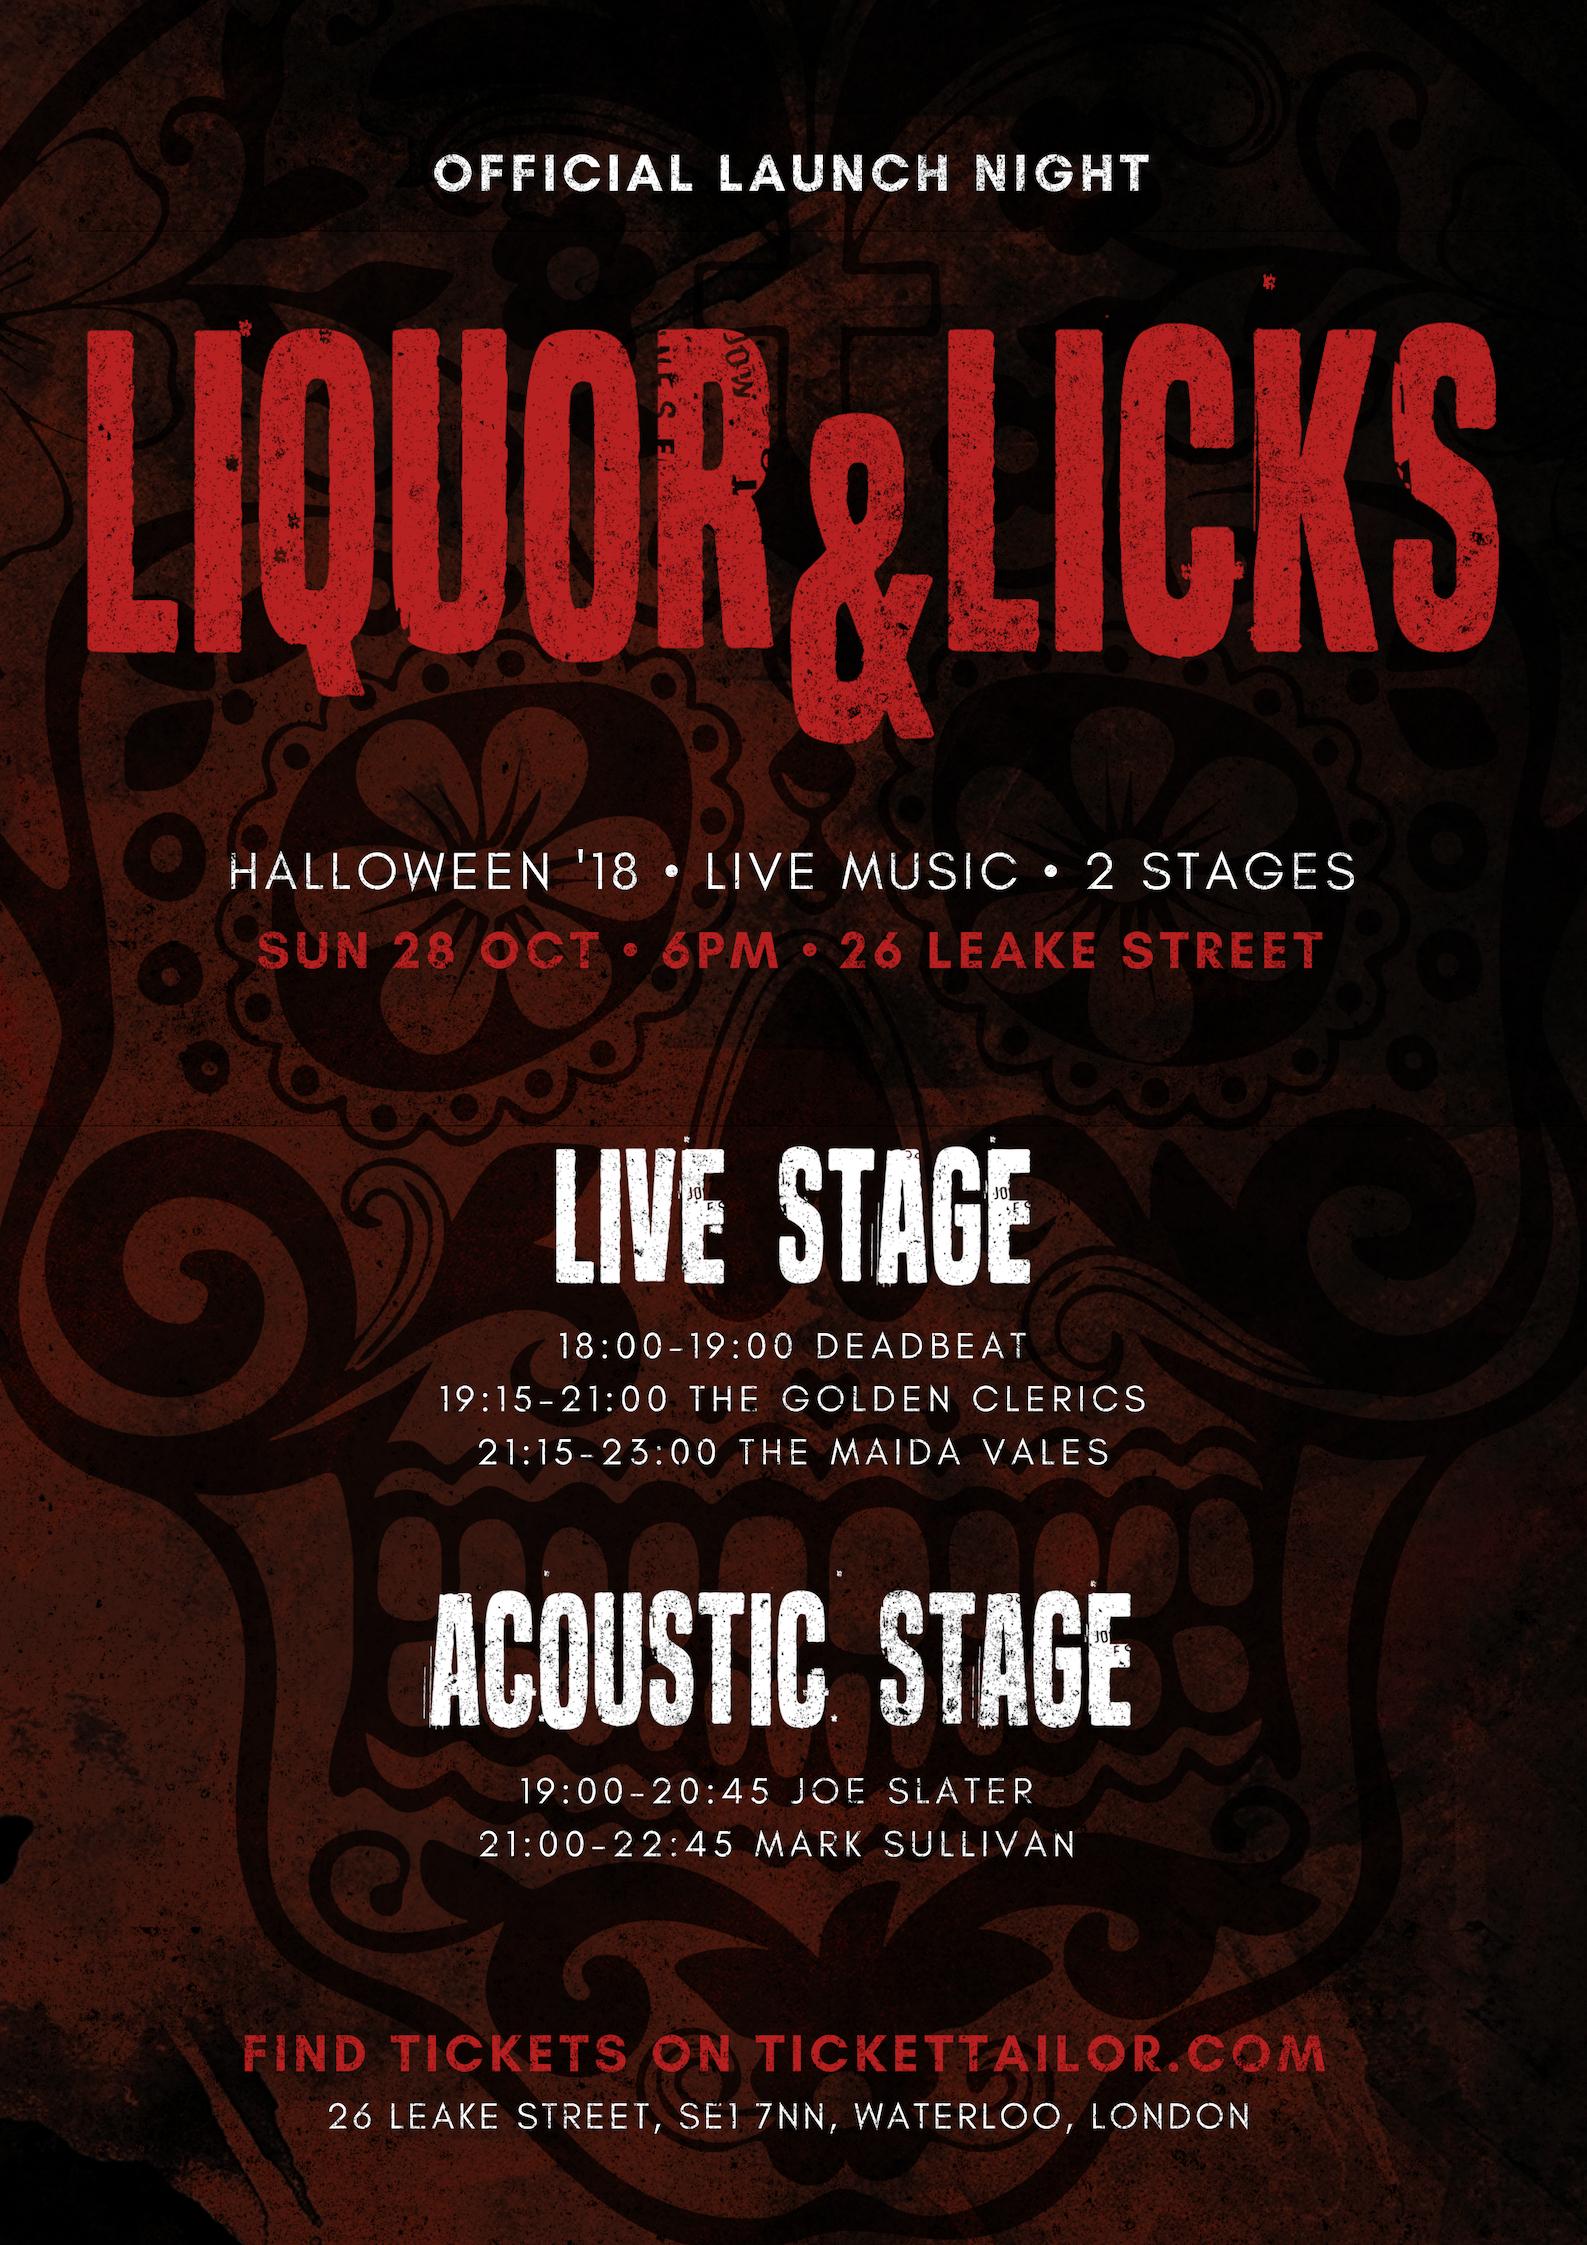 Poster - Liquor & Licks 2.jpg